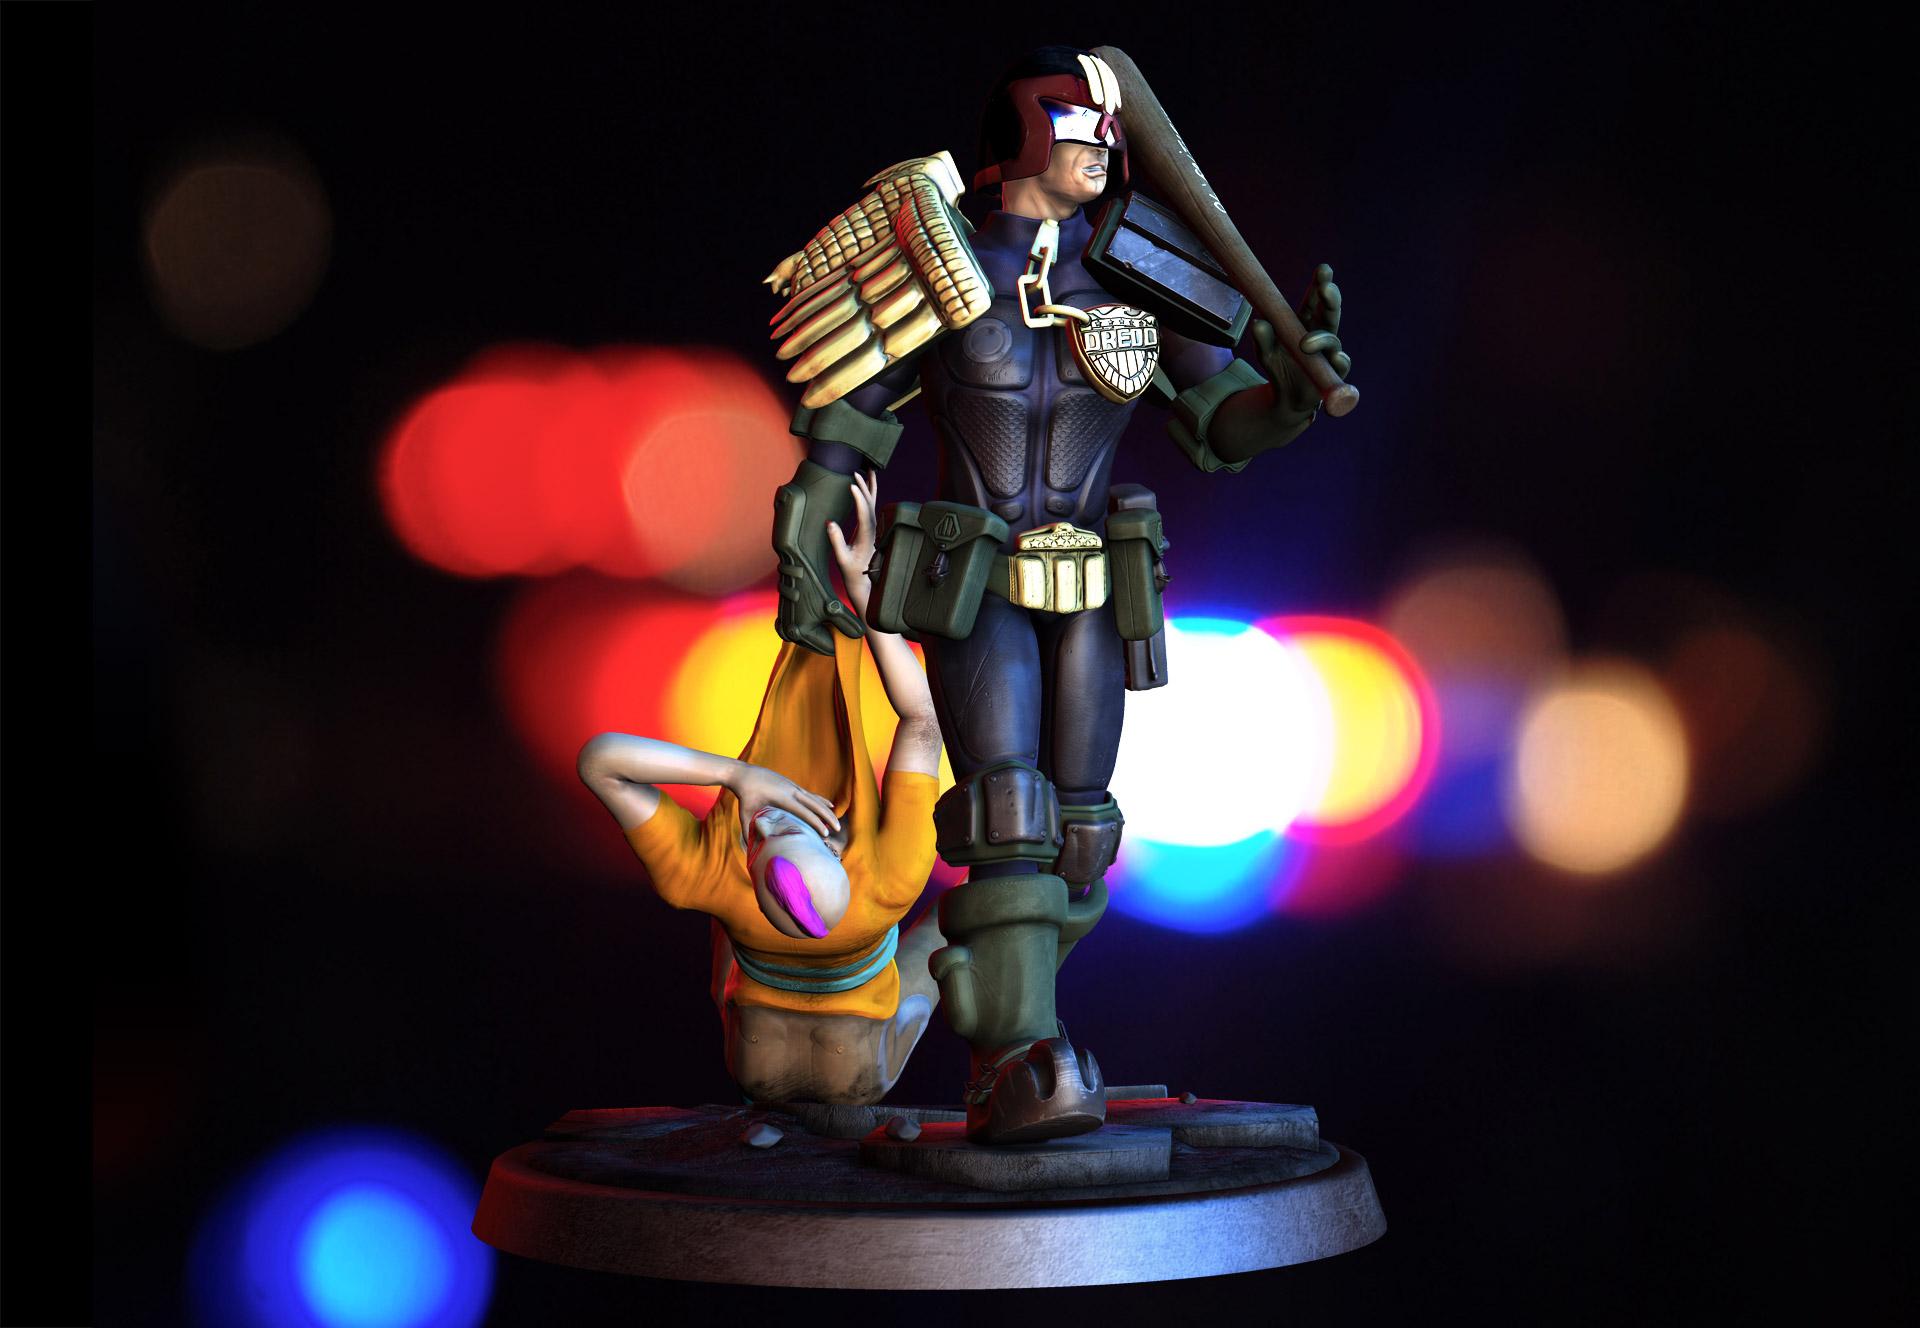 judge_dredd_mudbox_character_sculpt_1.jpg